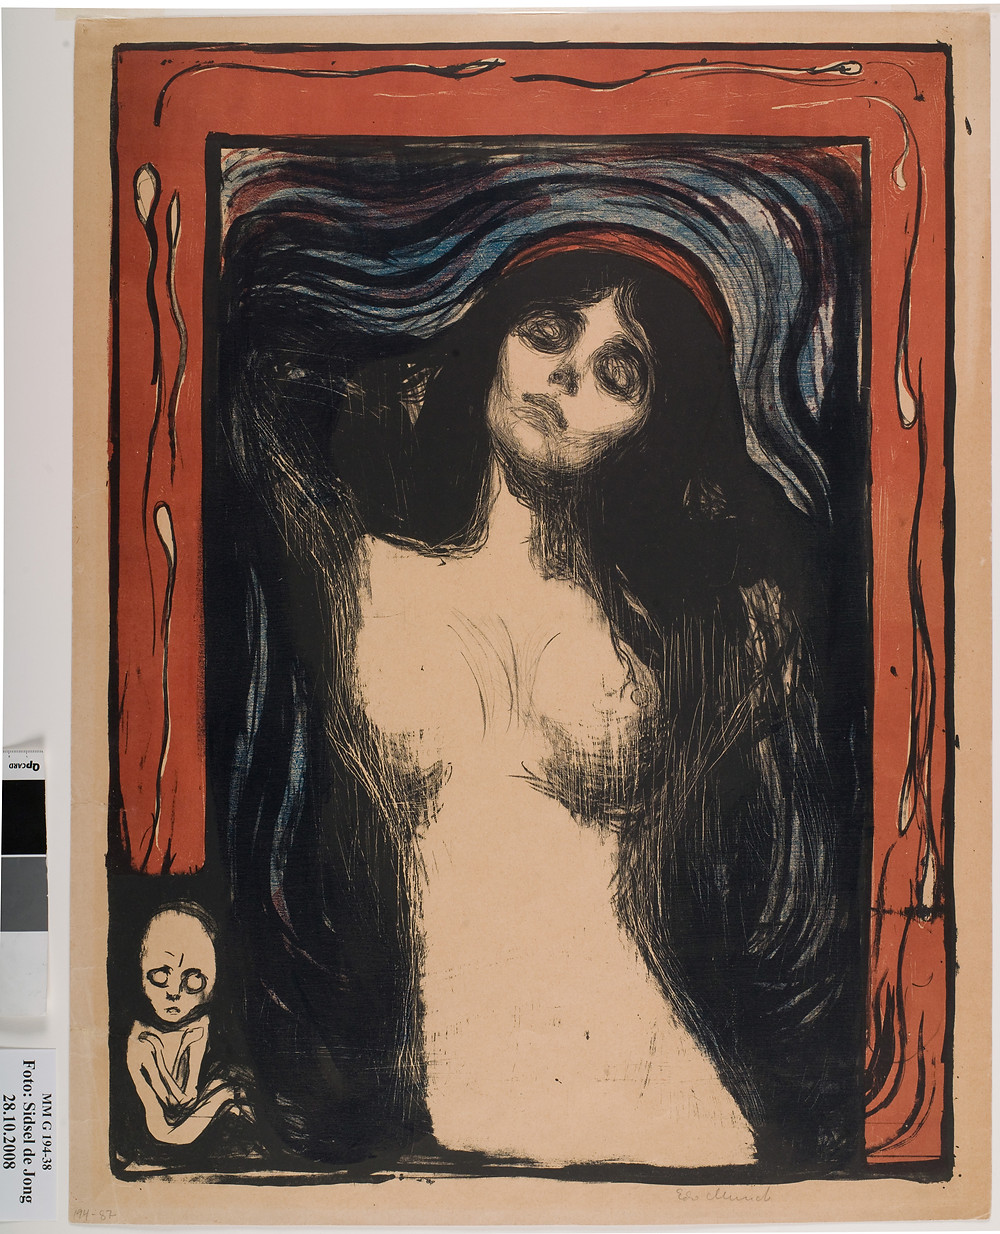 Edward_Mun_ch_Madonna_©_Munch_Museen_G194-38.jpg